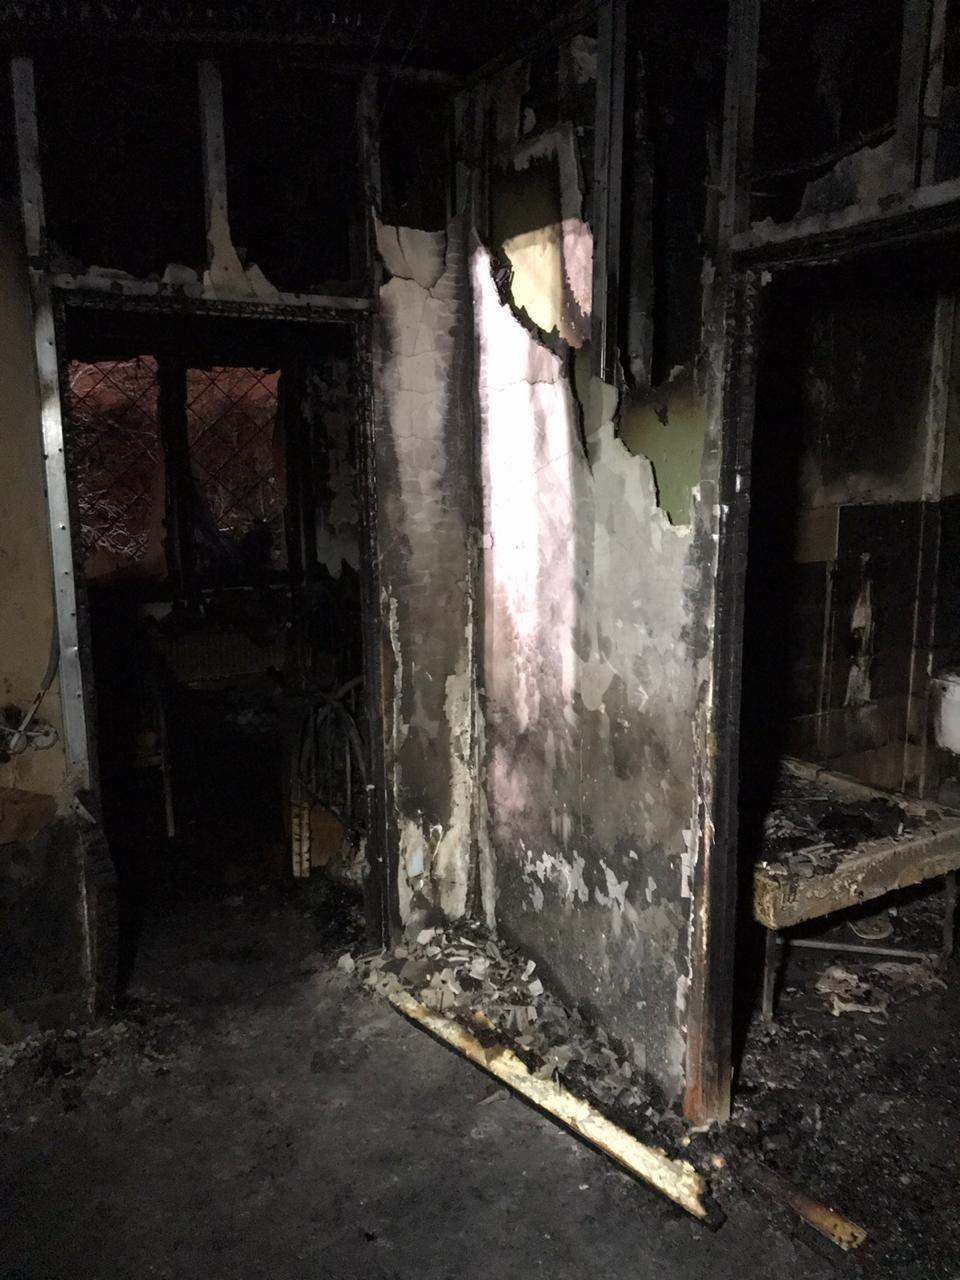 Жалоба та розслідування: що відомо про пожежу у будинку з літніми людьми у Харкові, фото-8